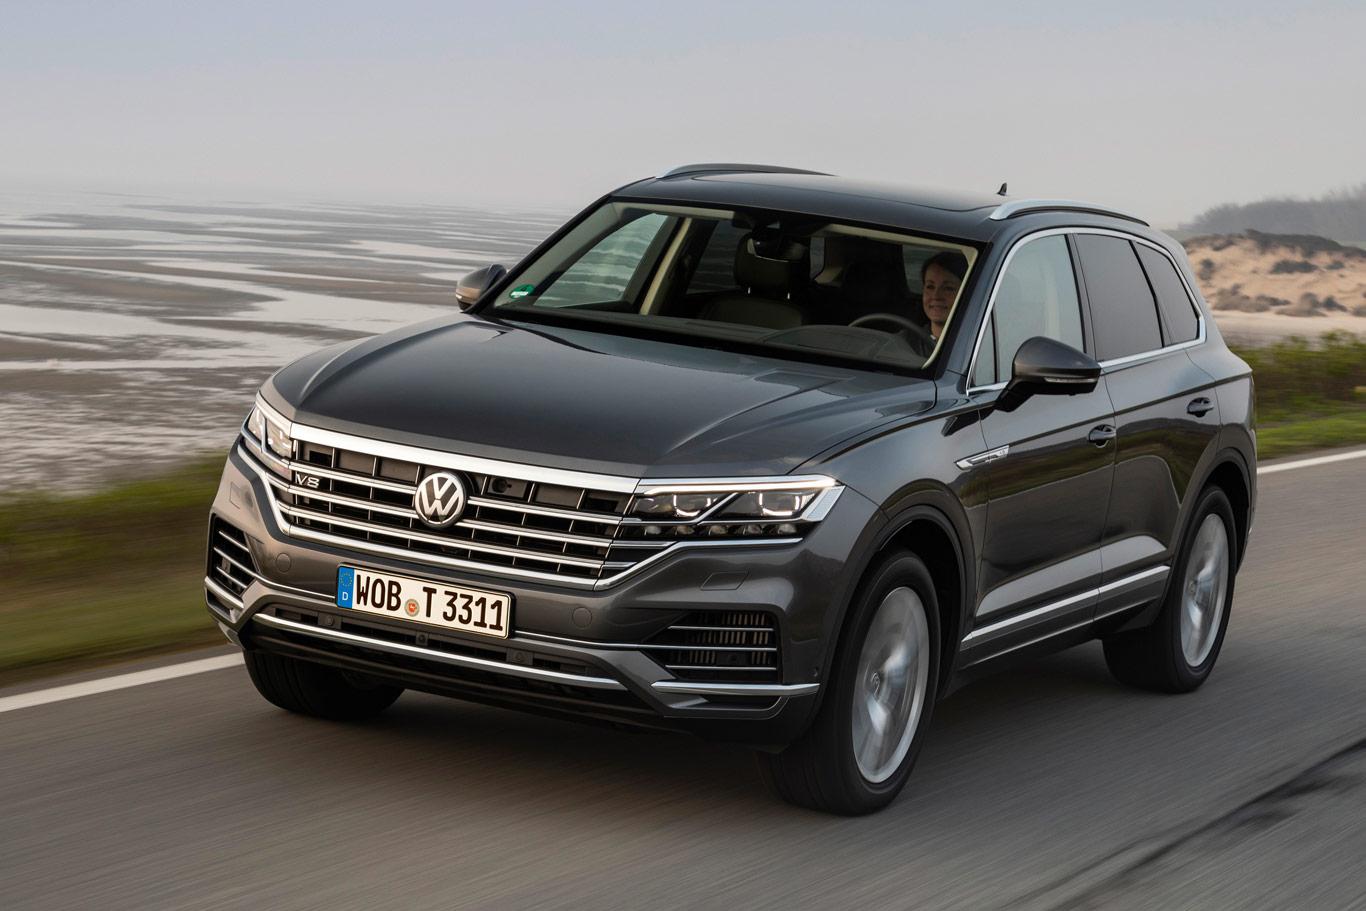 Das Nobel-SUV VW Touareg kommt 2020 in einer Steigerung seiner selbst: der R-Version.